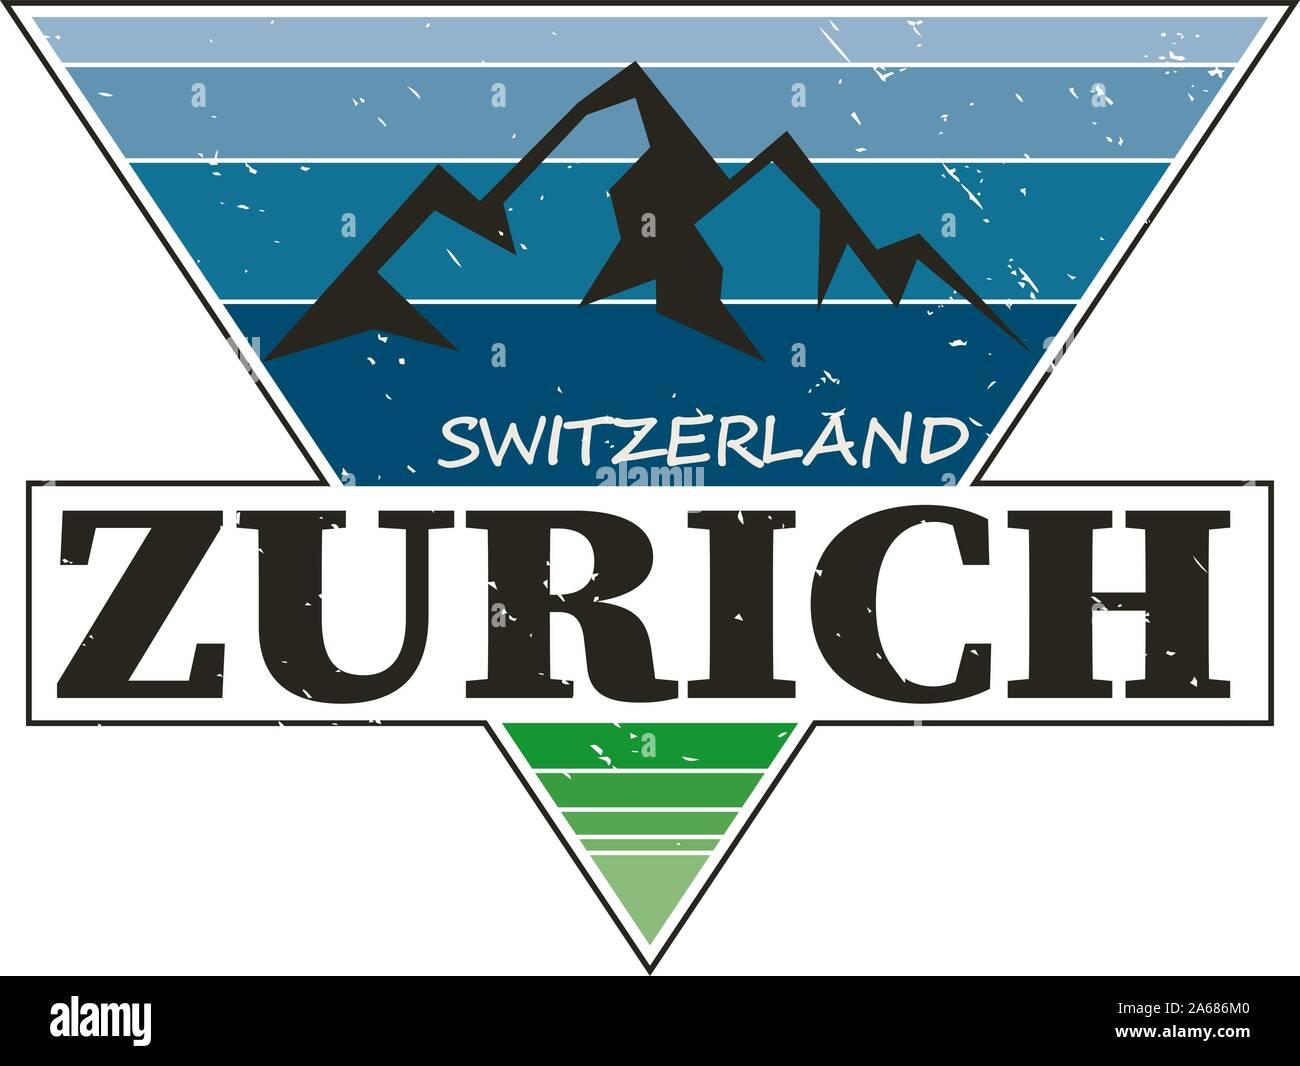 Zürich Schweiz Städtereiseziel. Vektor t-shirt Logo Stock Vektor